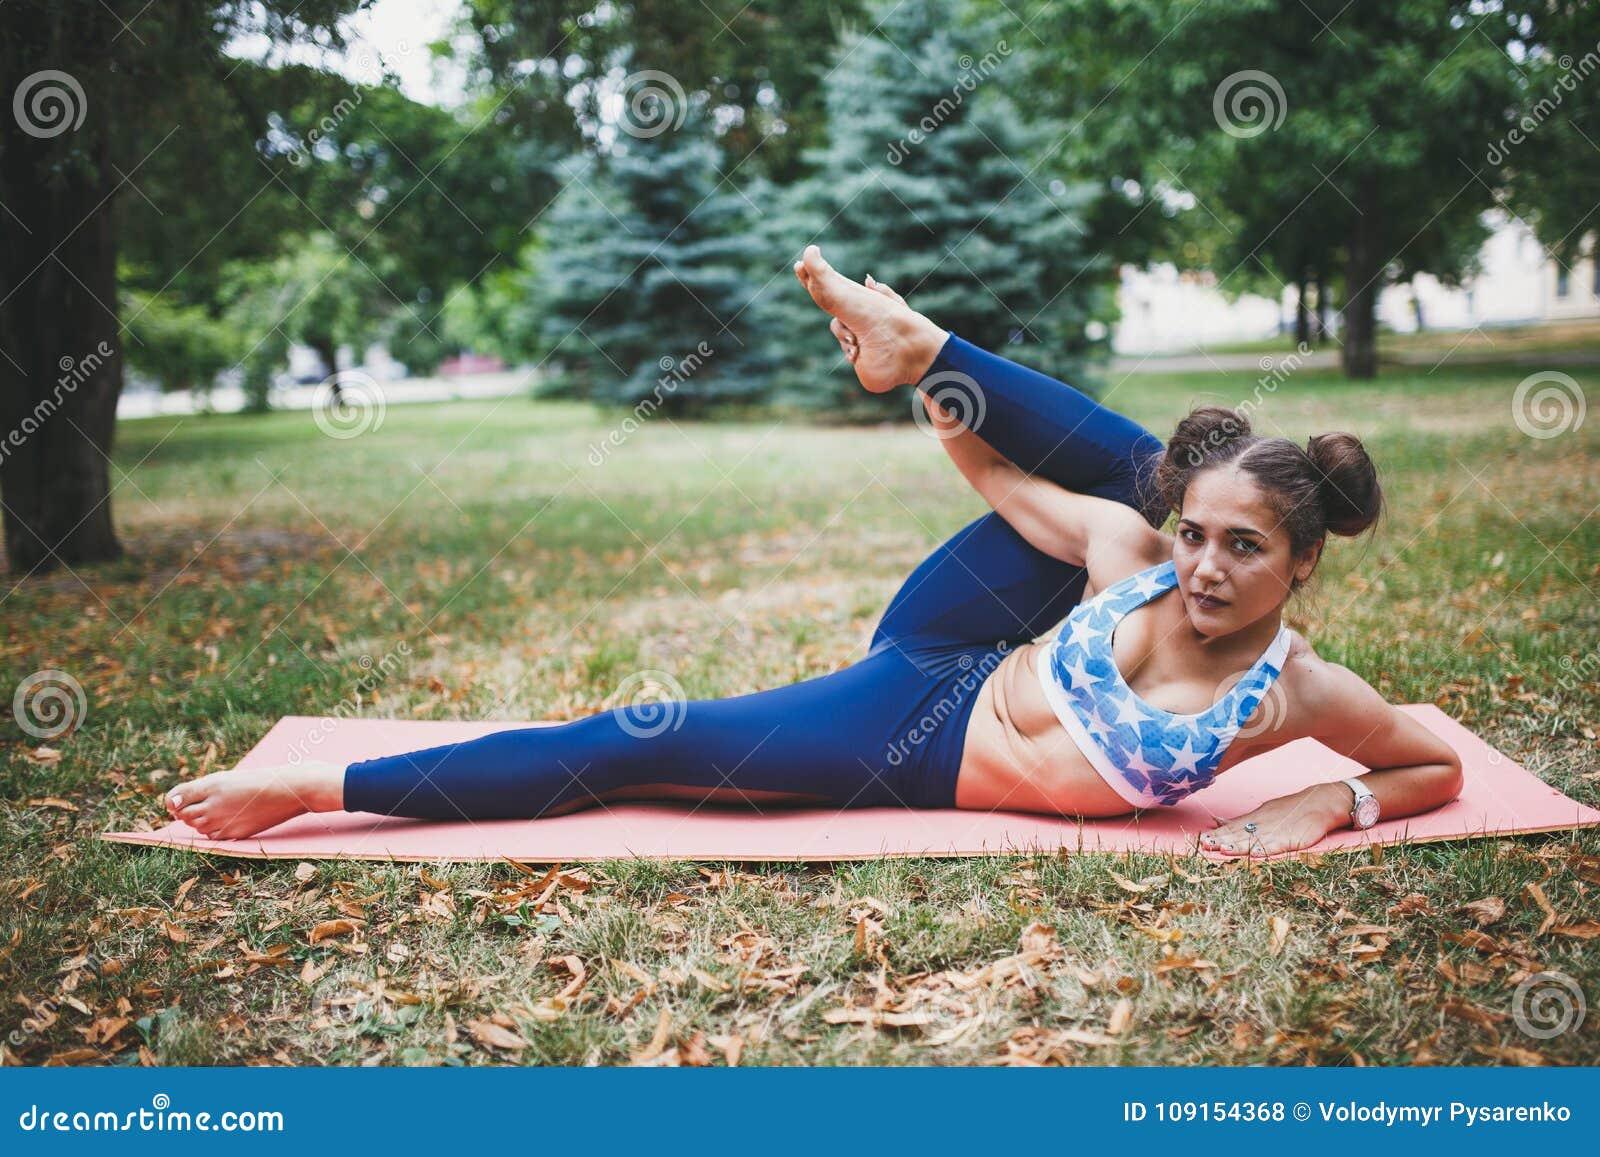 Jong meisje die yogaoefening in openlucht doen